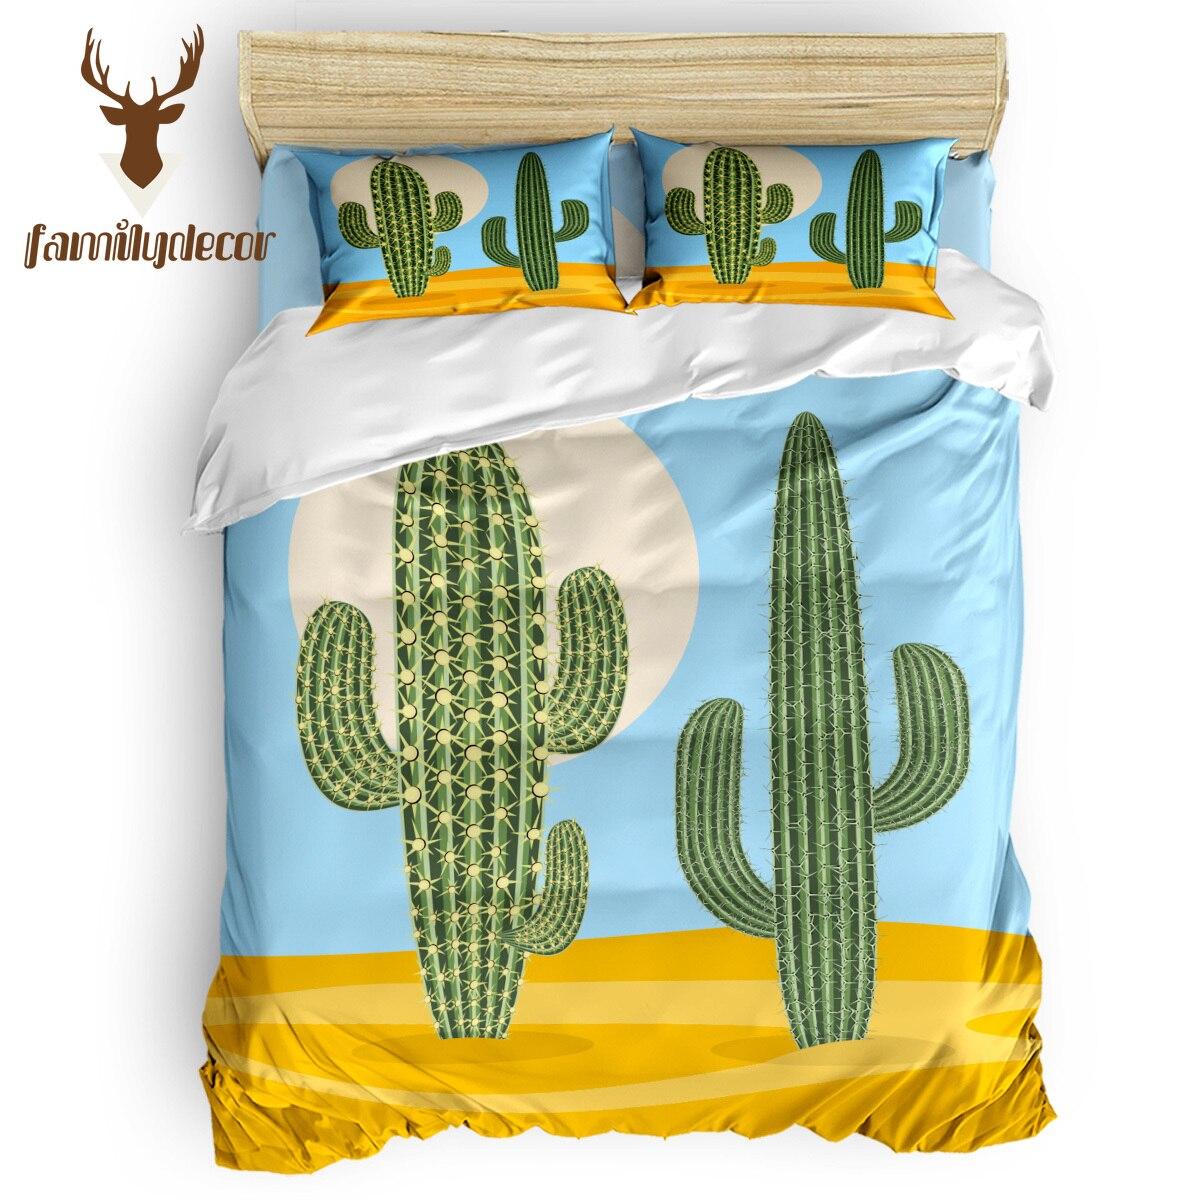 Семейный декор, пустыня, природа растение, кактус, постельные принадлежности, набор пододеяльников, набор крышек кожаные накладки